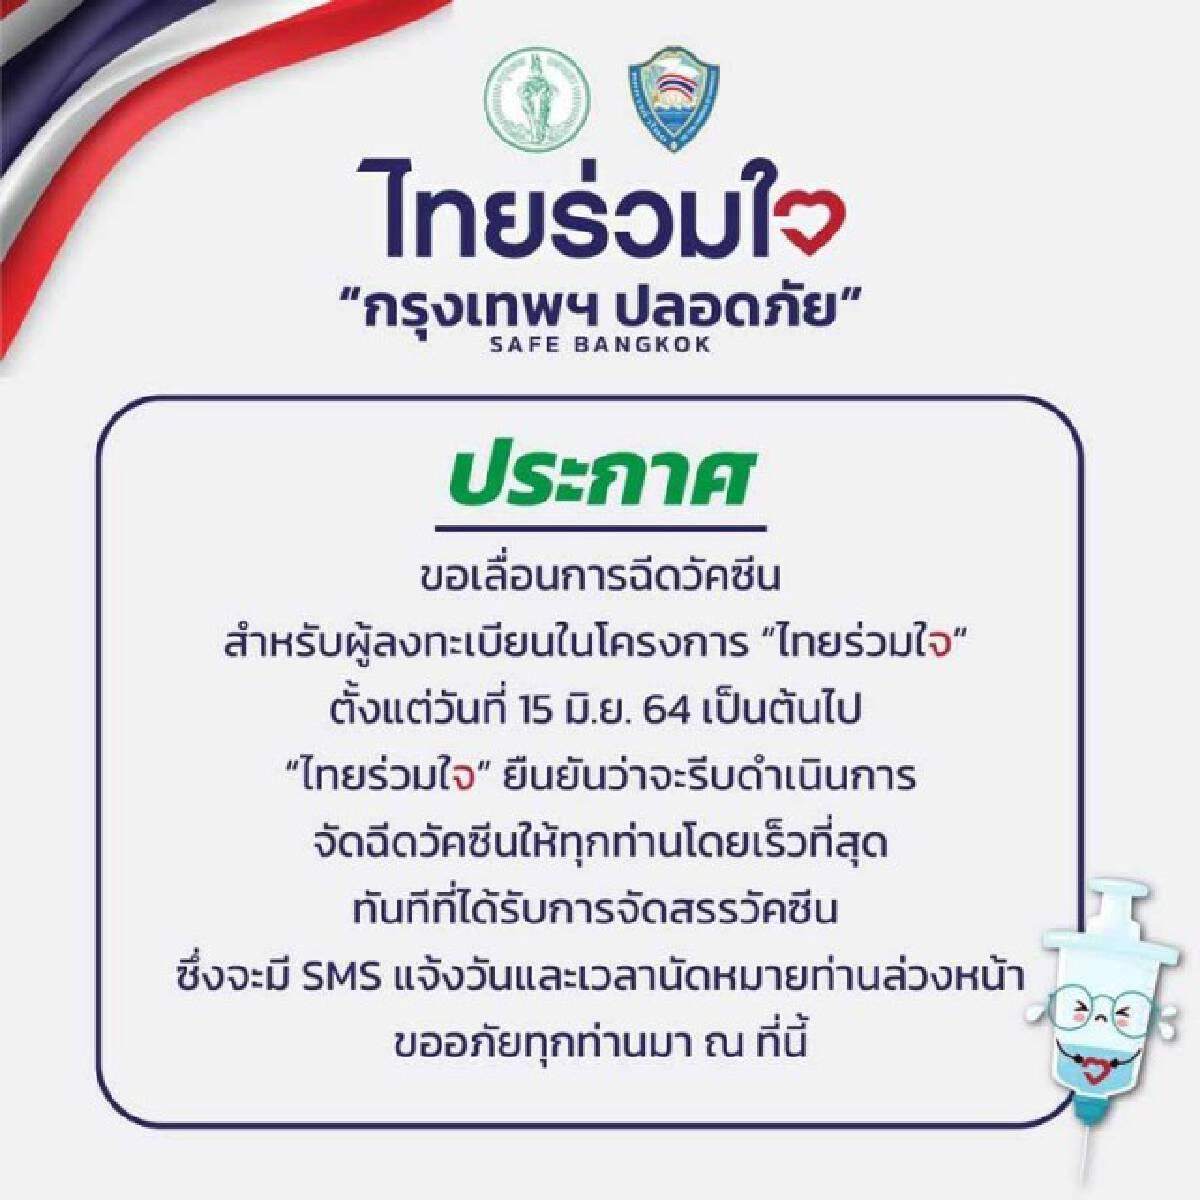 """""""ไทยร่วมใจ กรุงเทพฯ ปลอดภัย SAFE BANGKOK"""" ประกาศขอเลื่อนการฉีดวัคซีน ตั้งแต่วันที่ 15 มิ.ย."""